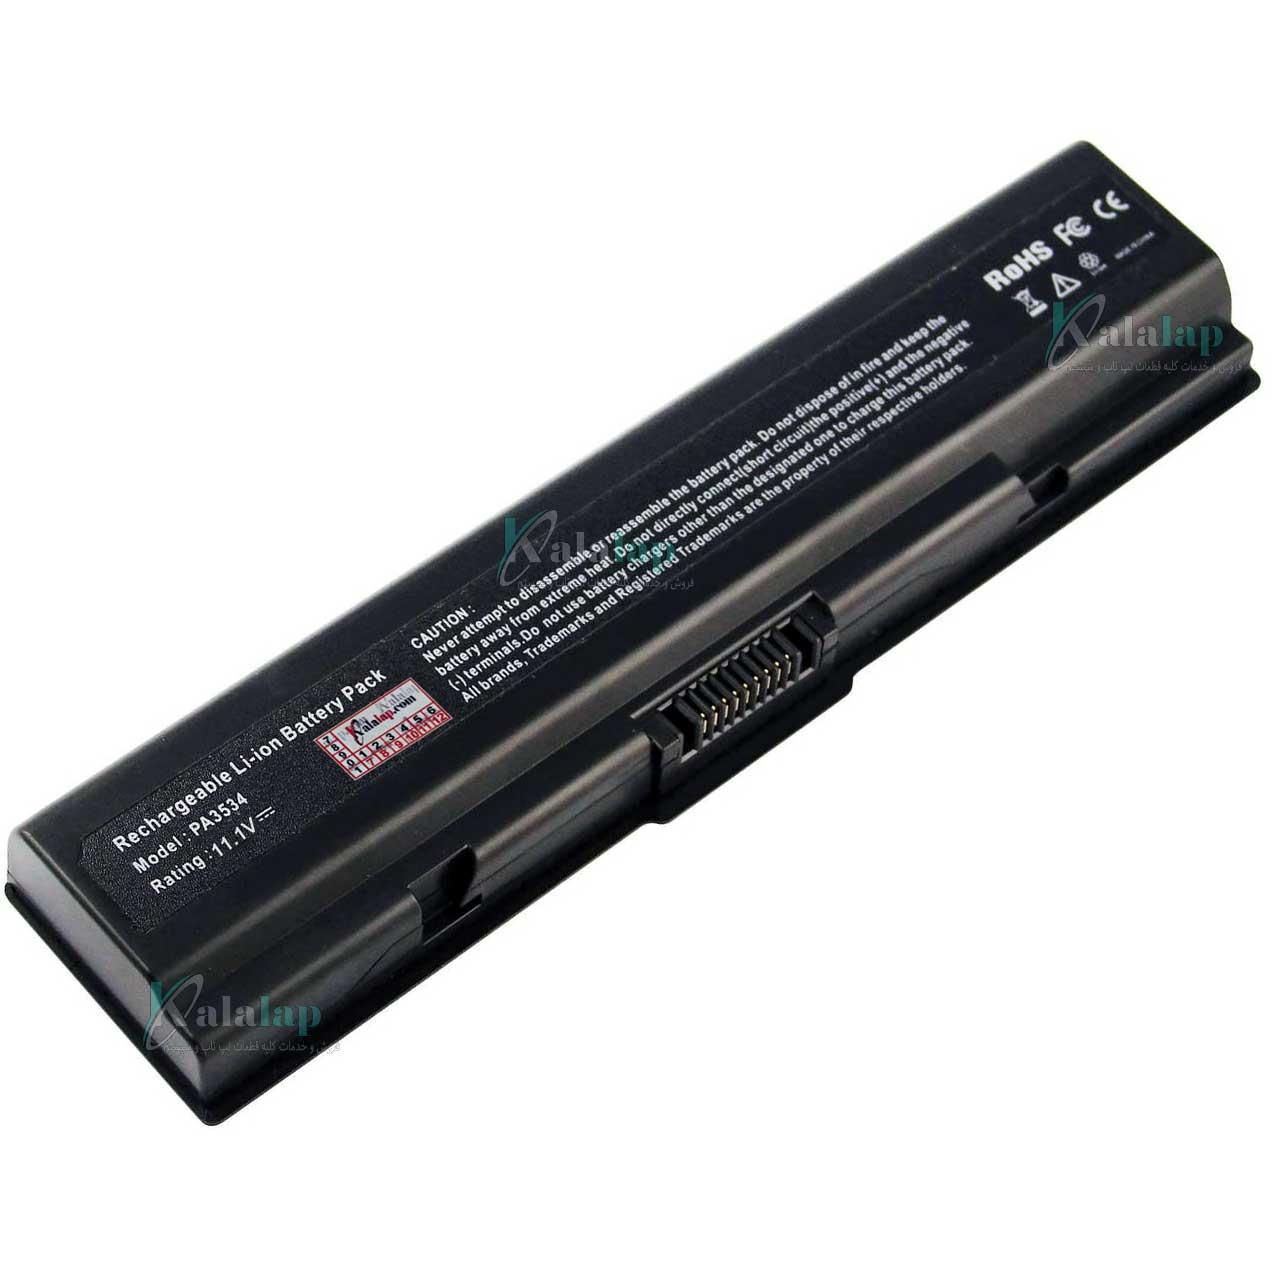 باتری لپ تاپ توشیبا Battery Laptop Toshiba PA3534U